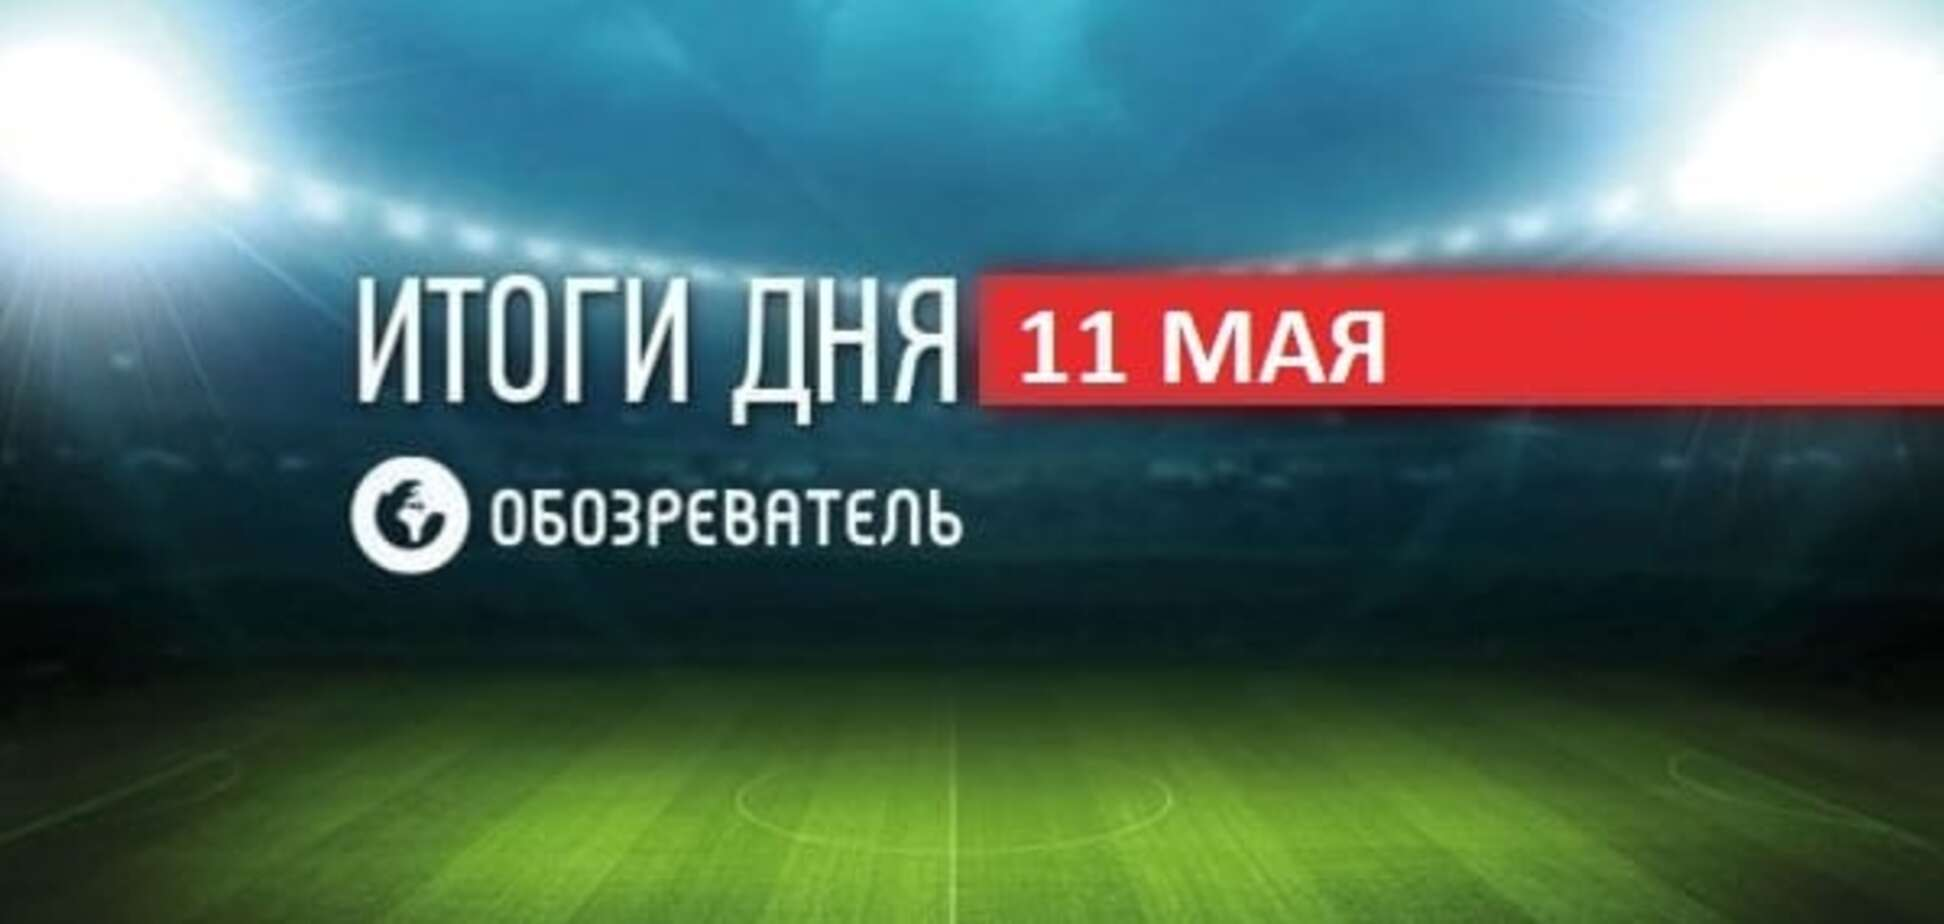 Побоище на матче Кубка Украины. Спортивные итоги 11 мая